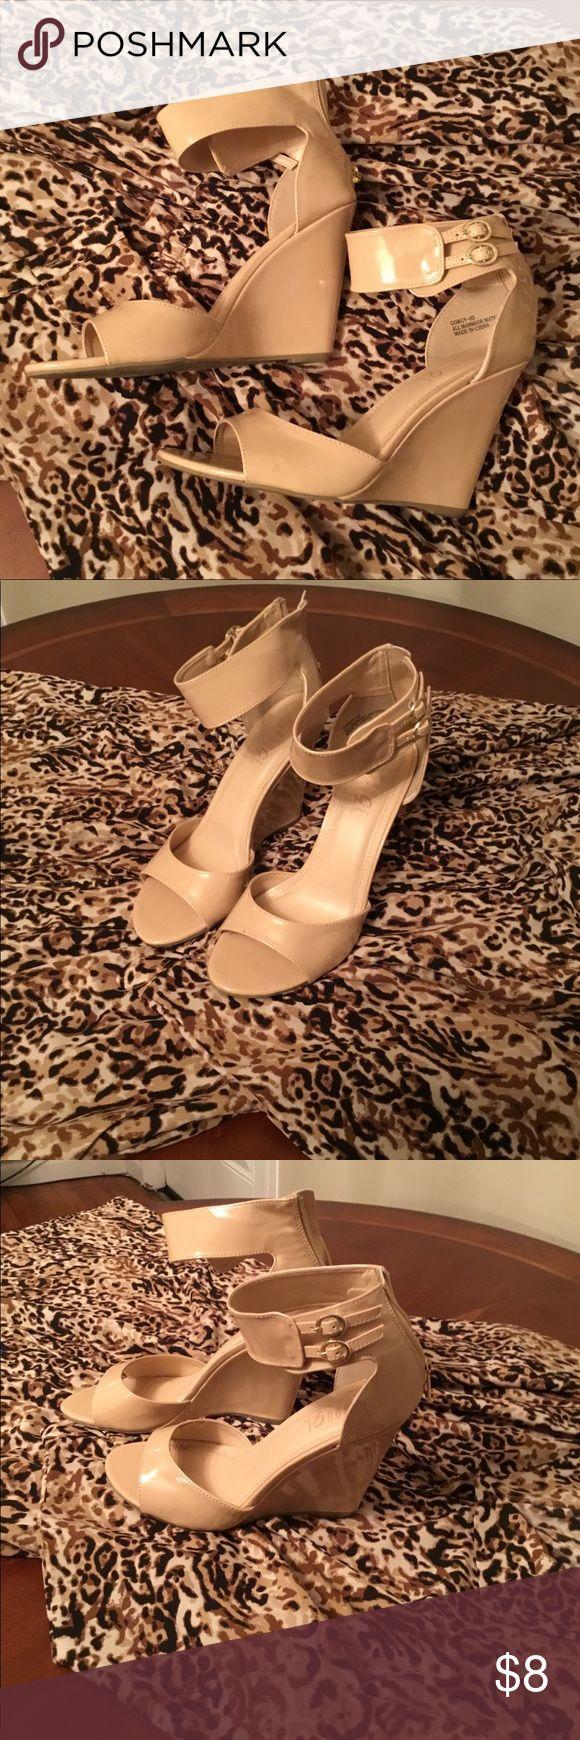 Heels Cream Wedge Heels Rouge Helium Shoes Wedges